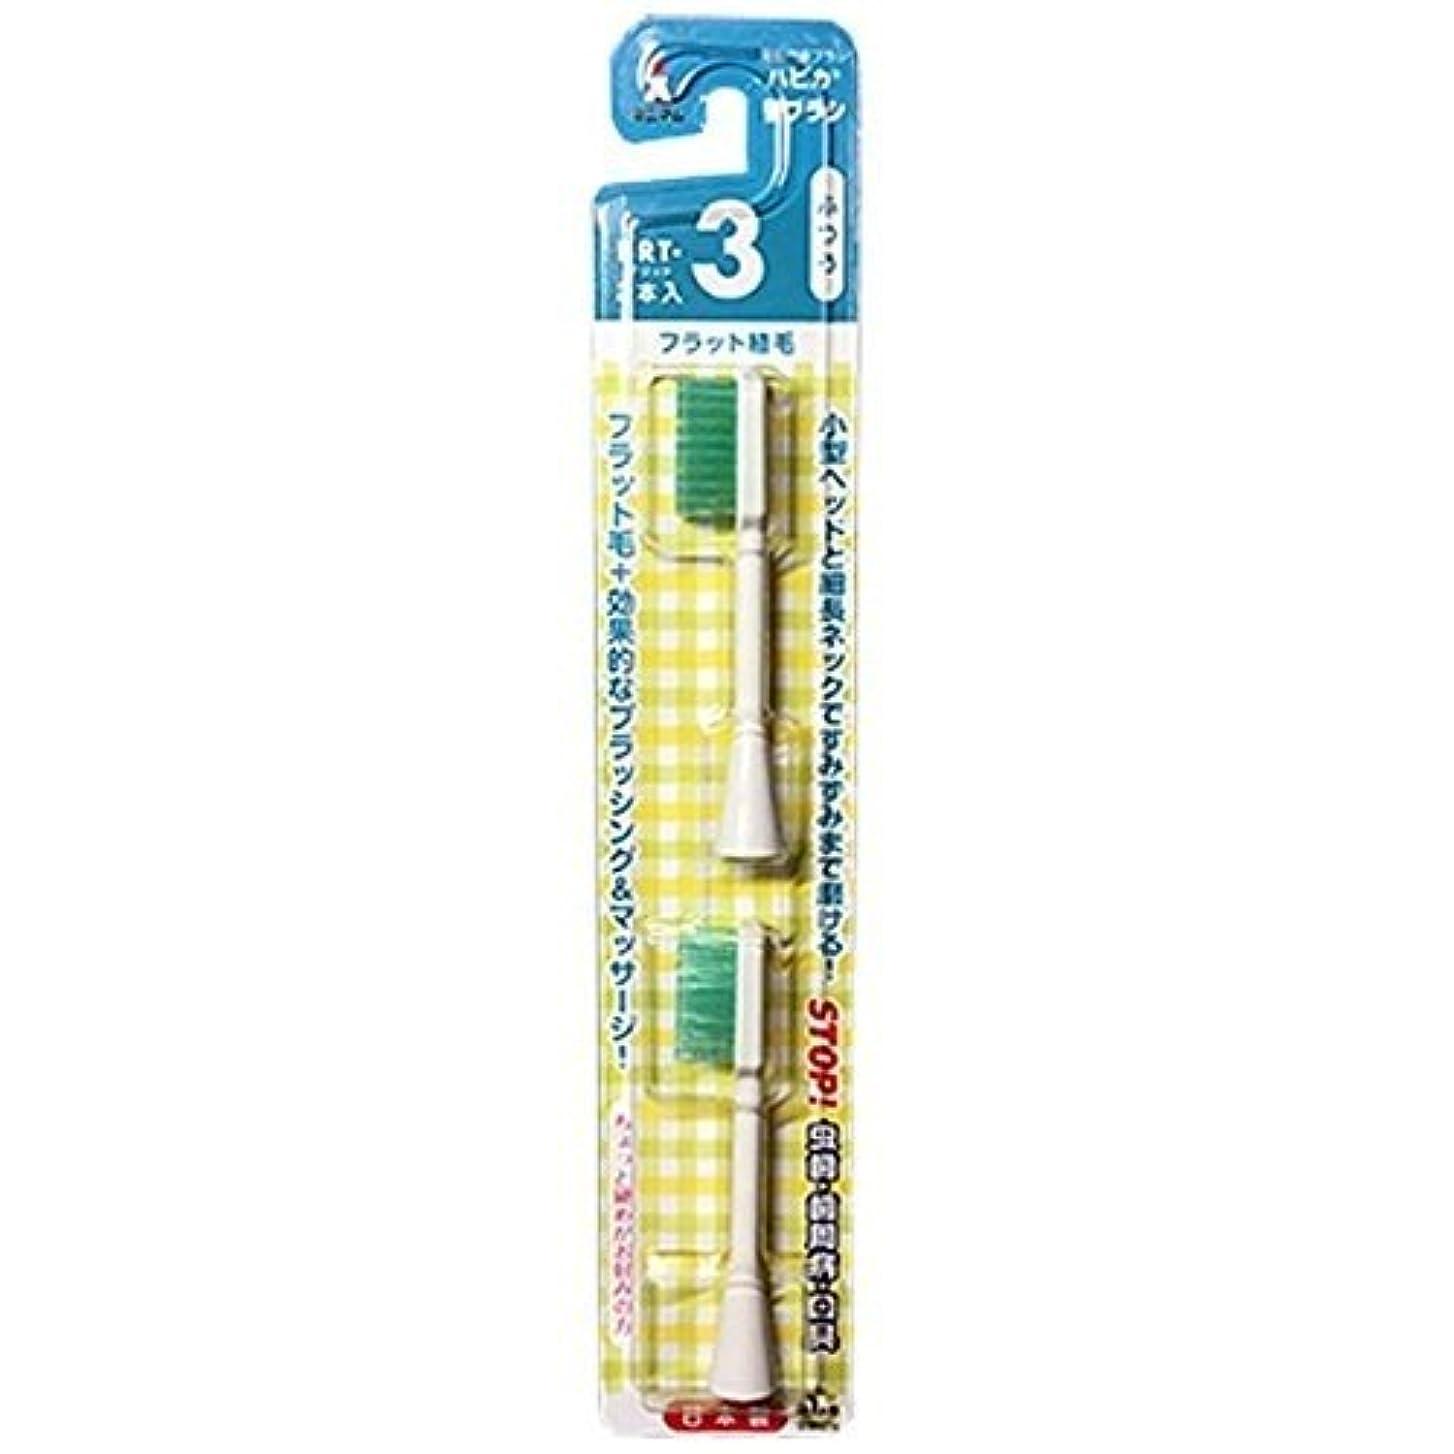 振りかけるダブルグレートオークミニマム 電動付歯ブラシ ハピカ 専用替ブラシ フラット植毛 毛の硬さ:ふつう BRT-3T 2個入